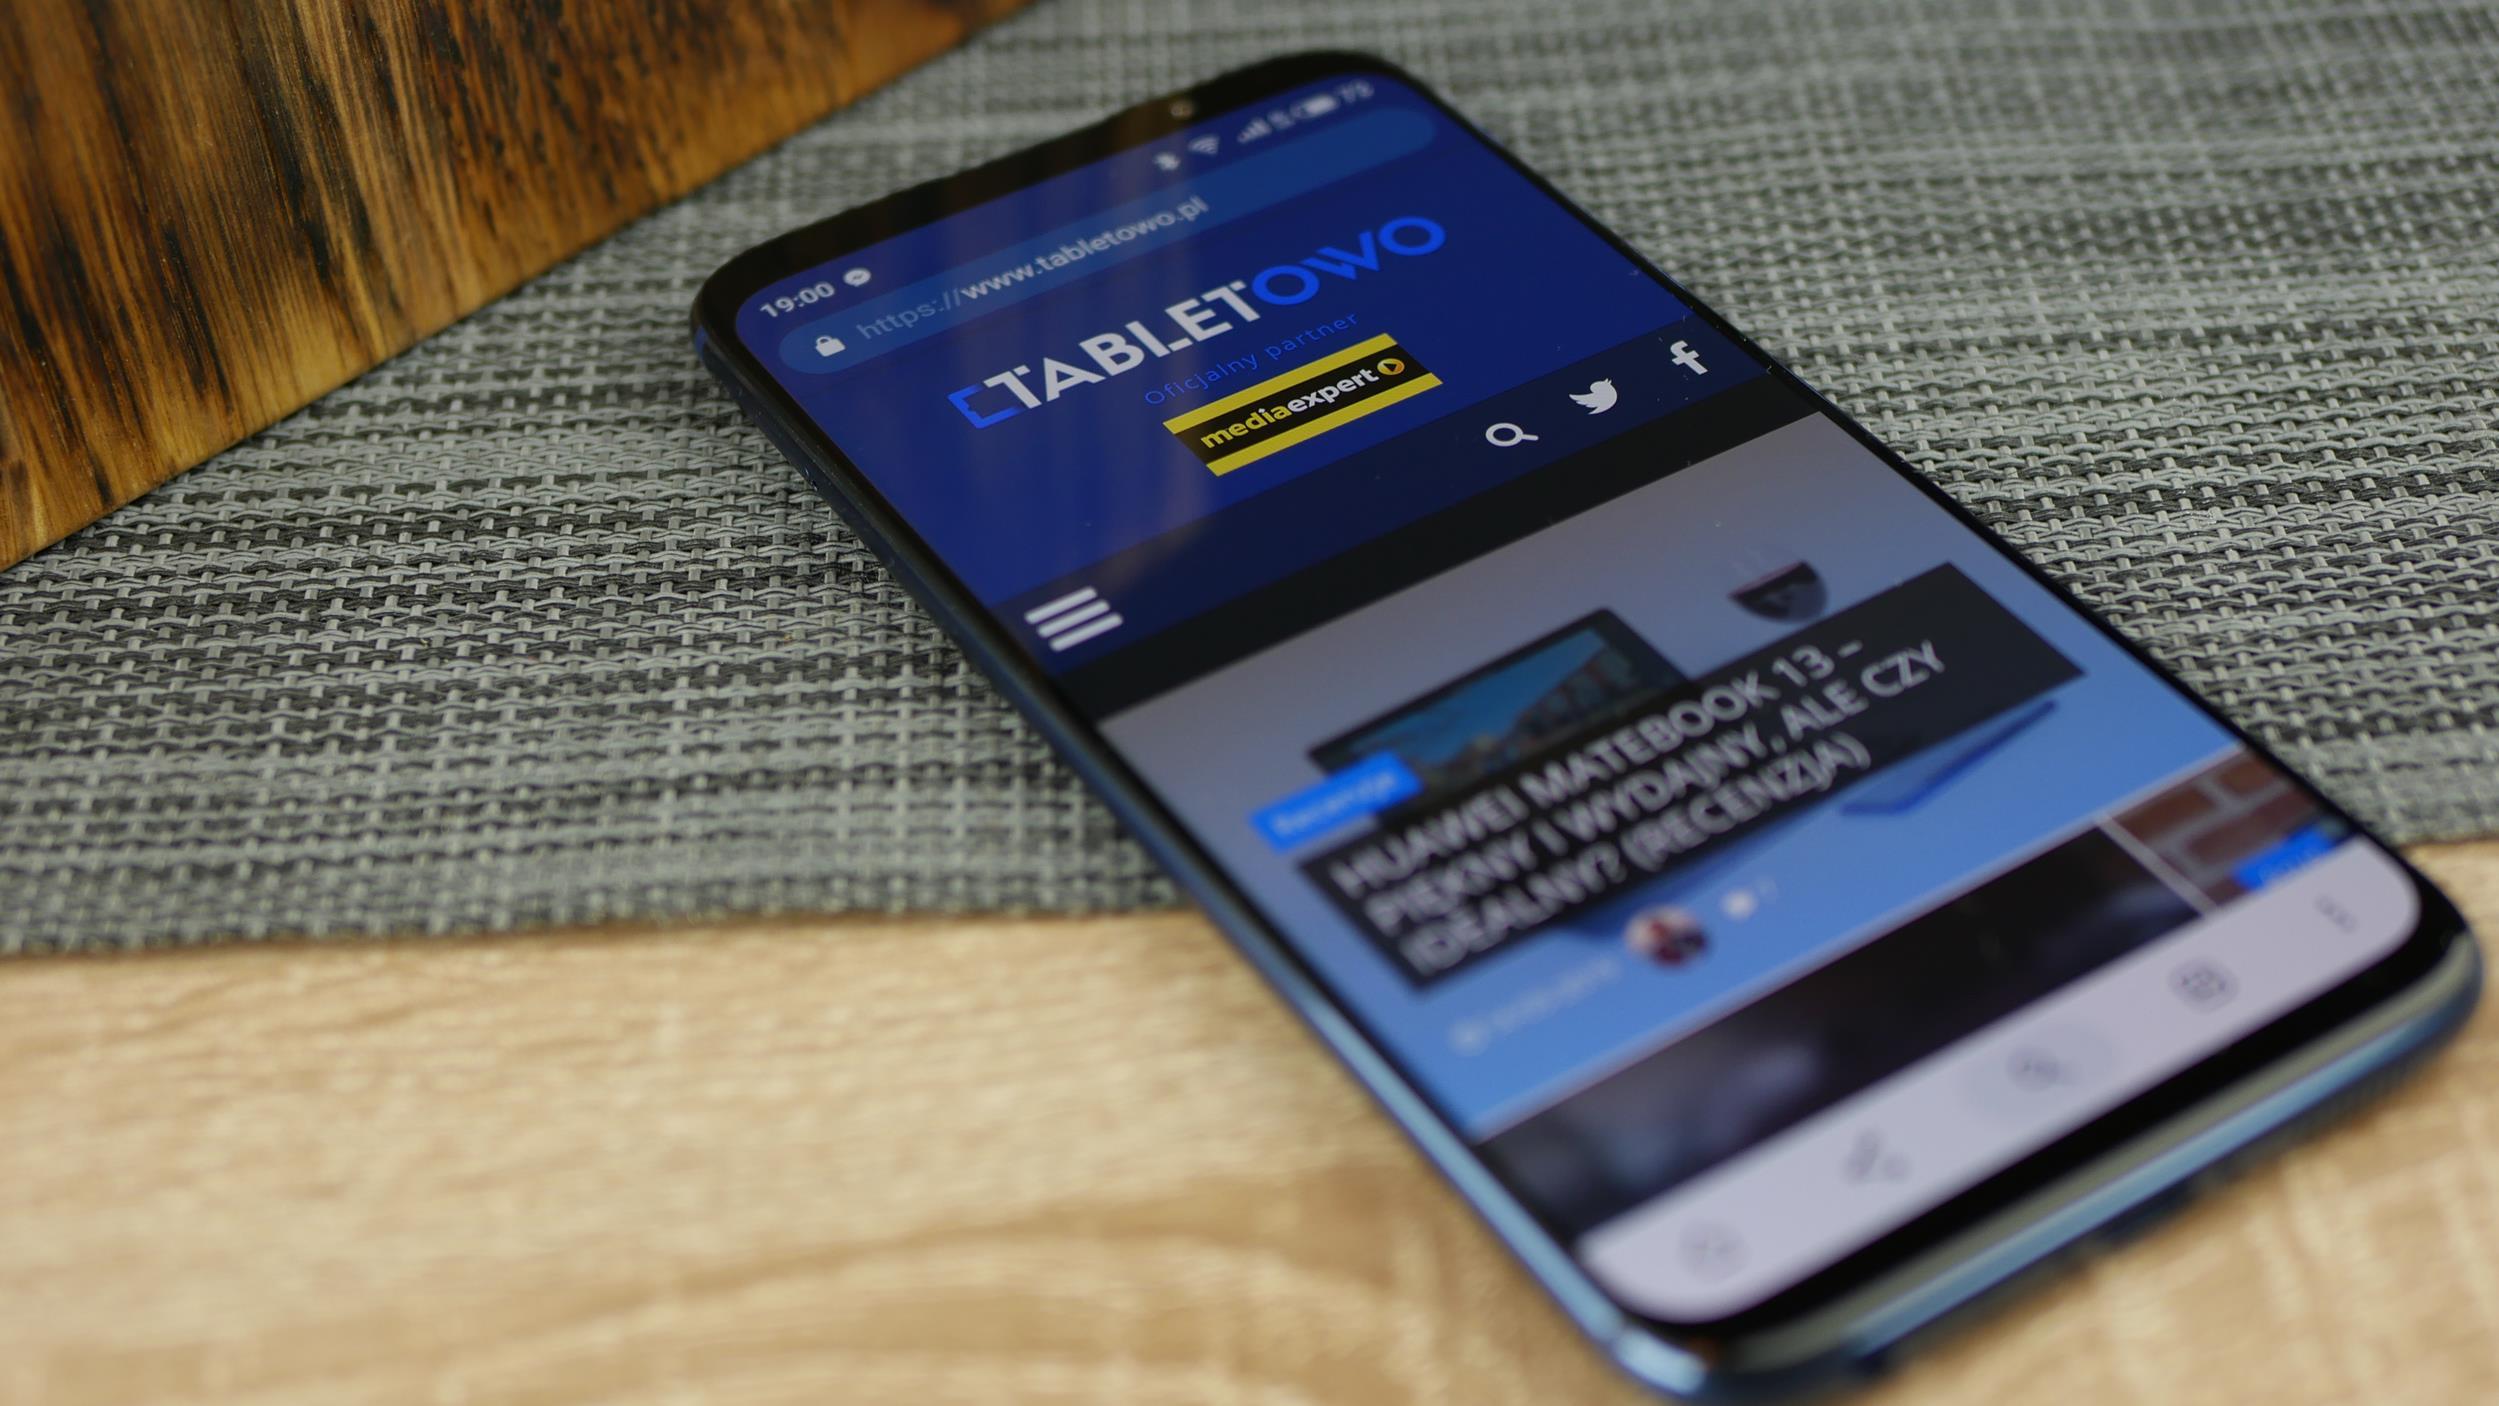 Recenzja Meizu 16 - smartfona, w którym poważnych wad jest zbyt wiele... 94